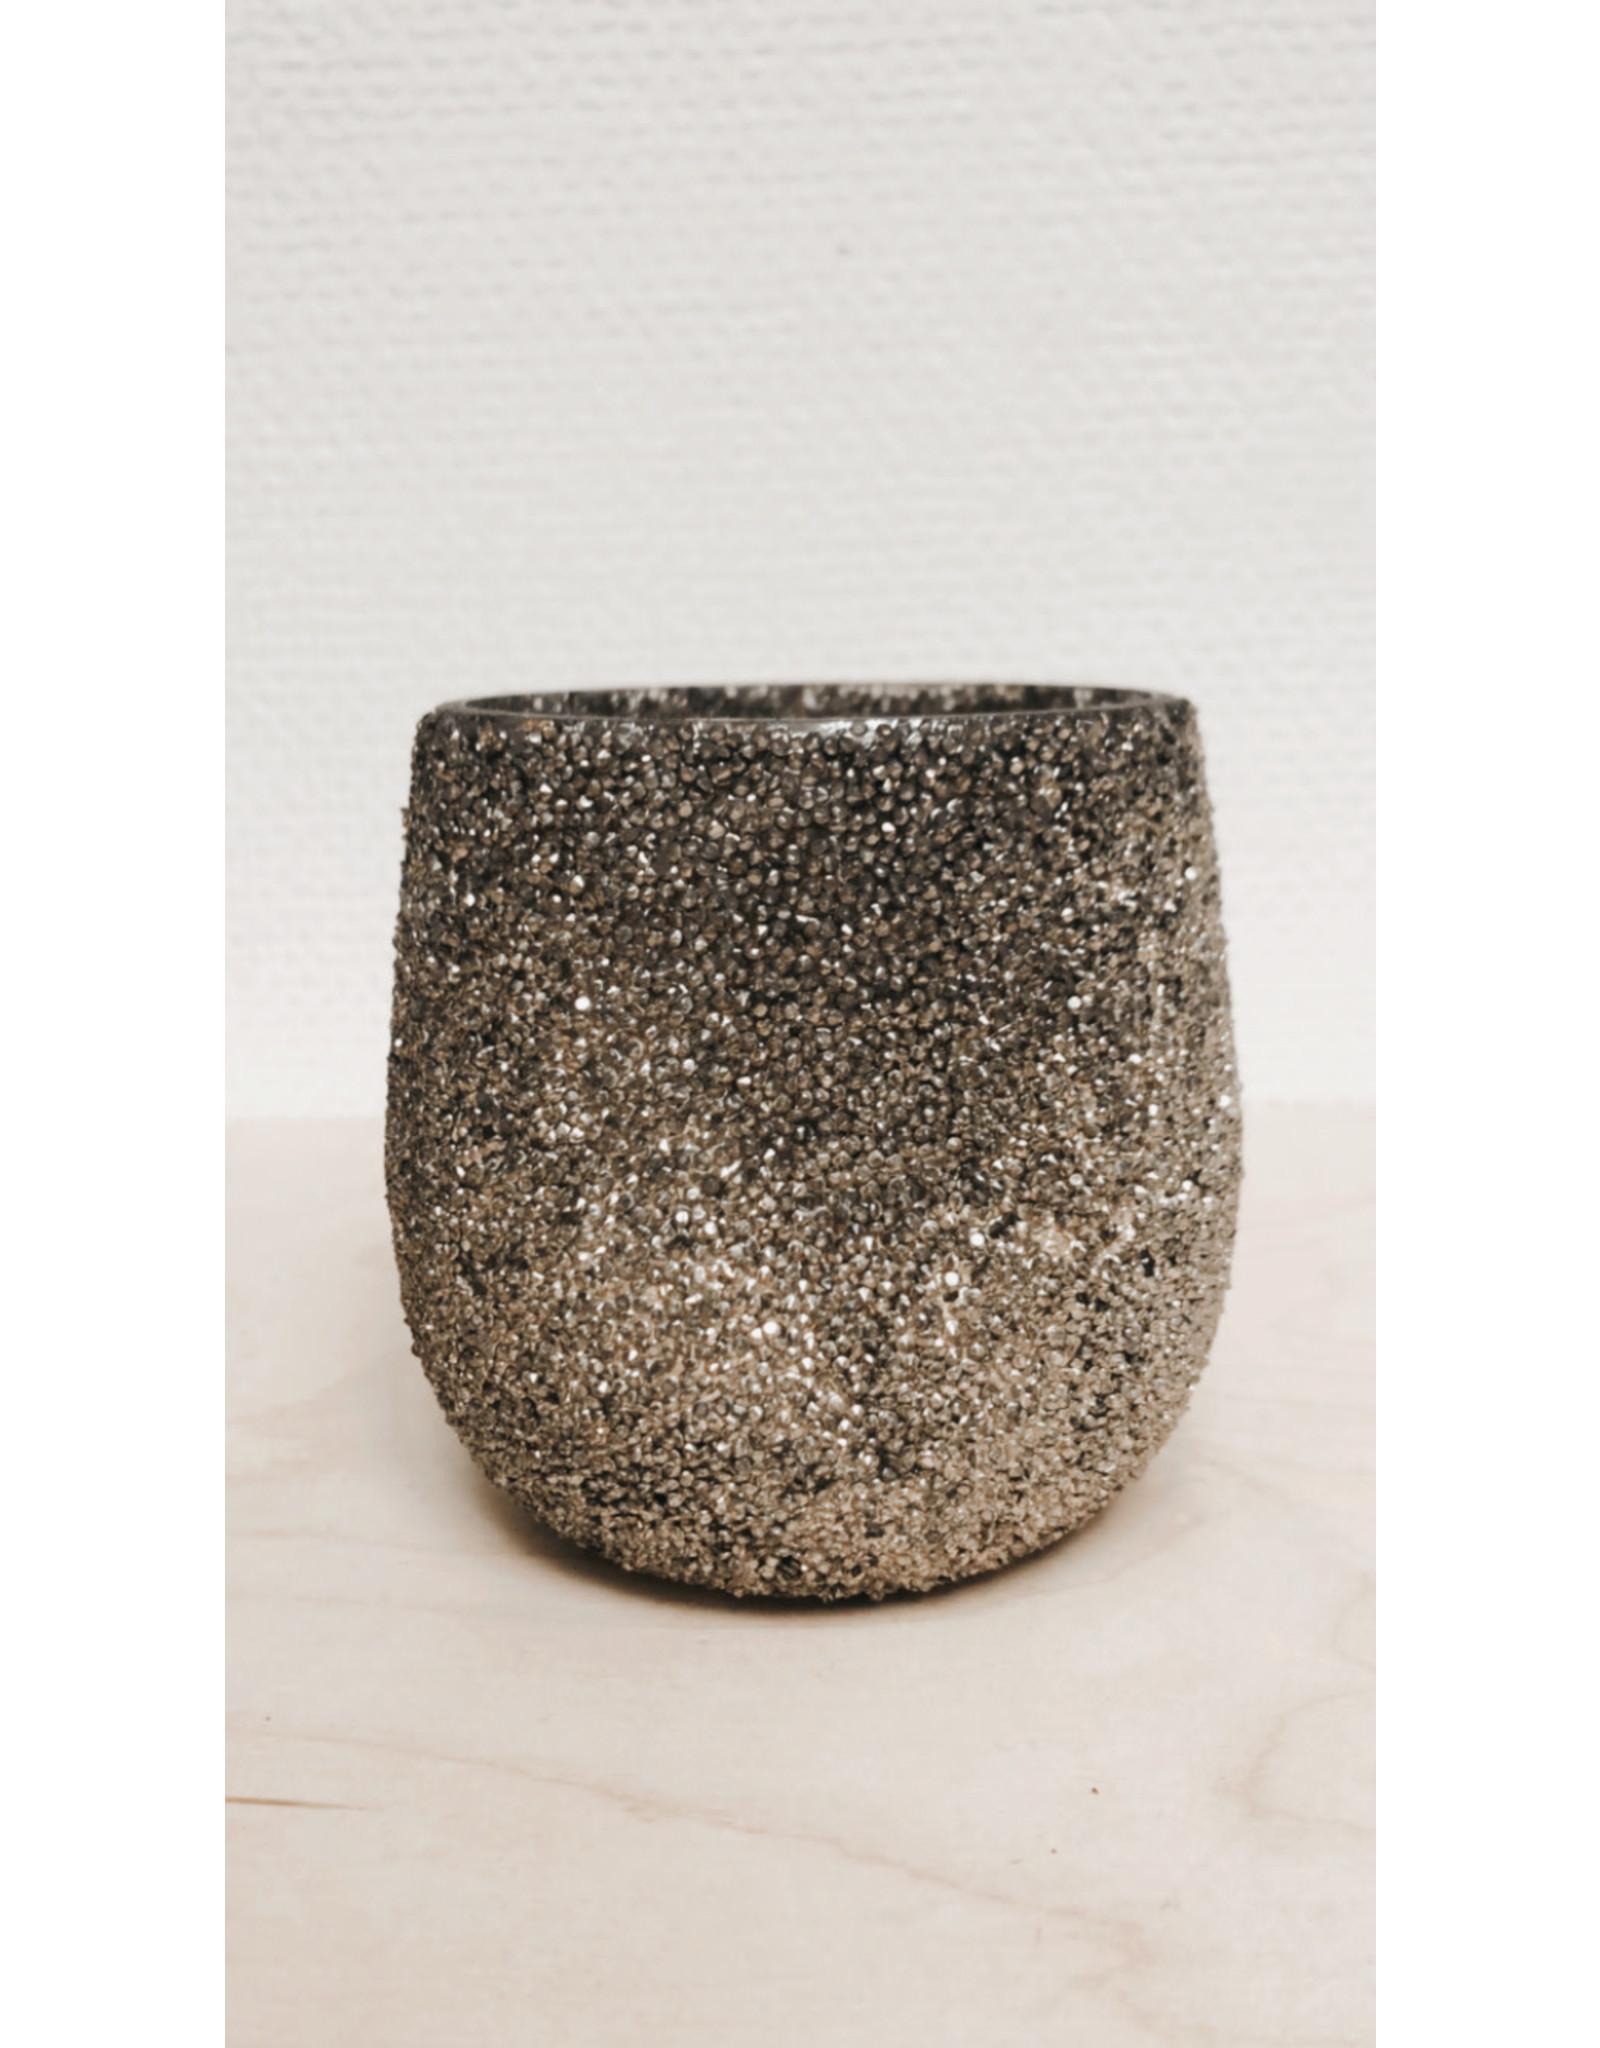 Madam Stolz Bloempot - kleine steentjes -  Ø 8,5cm H 10cm